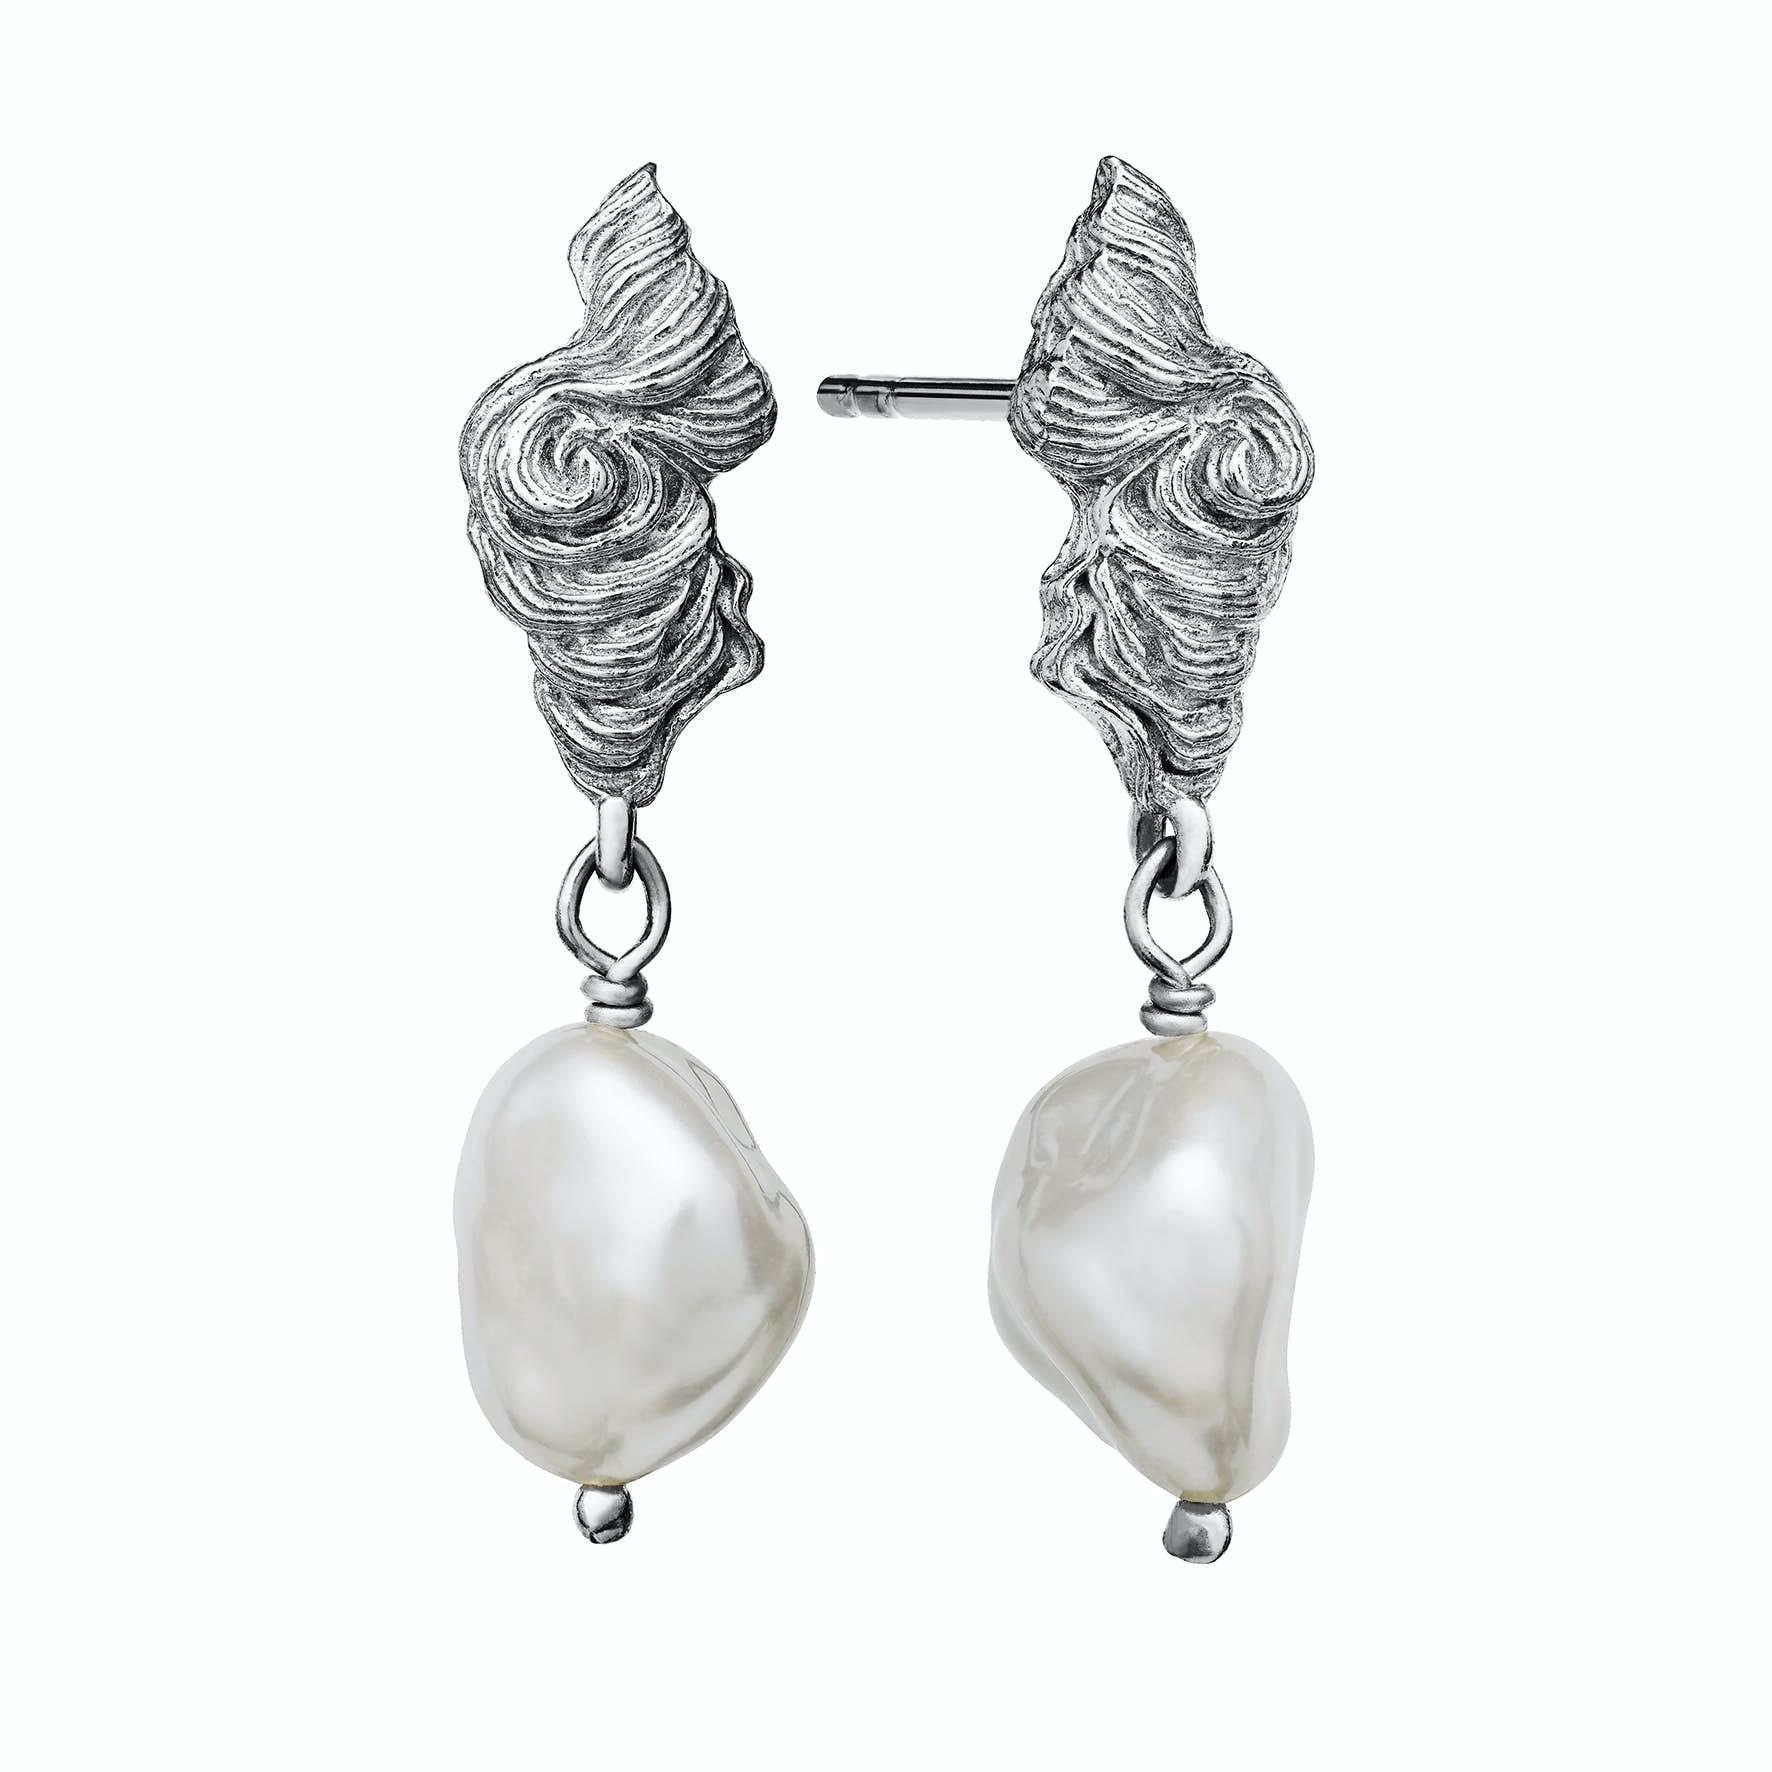 Frigg Earrings from Maanesten in Silver Sterling 925 Freshwater Pearl